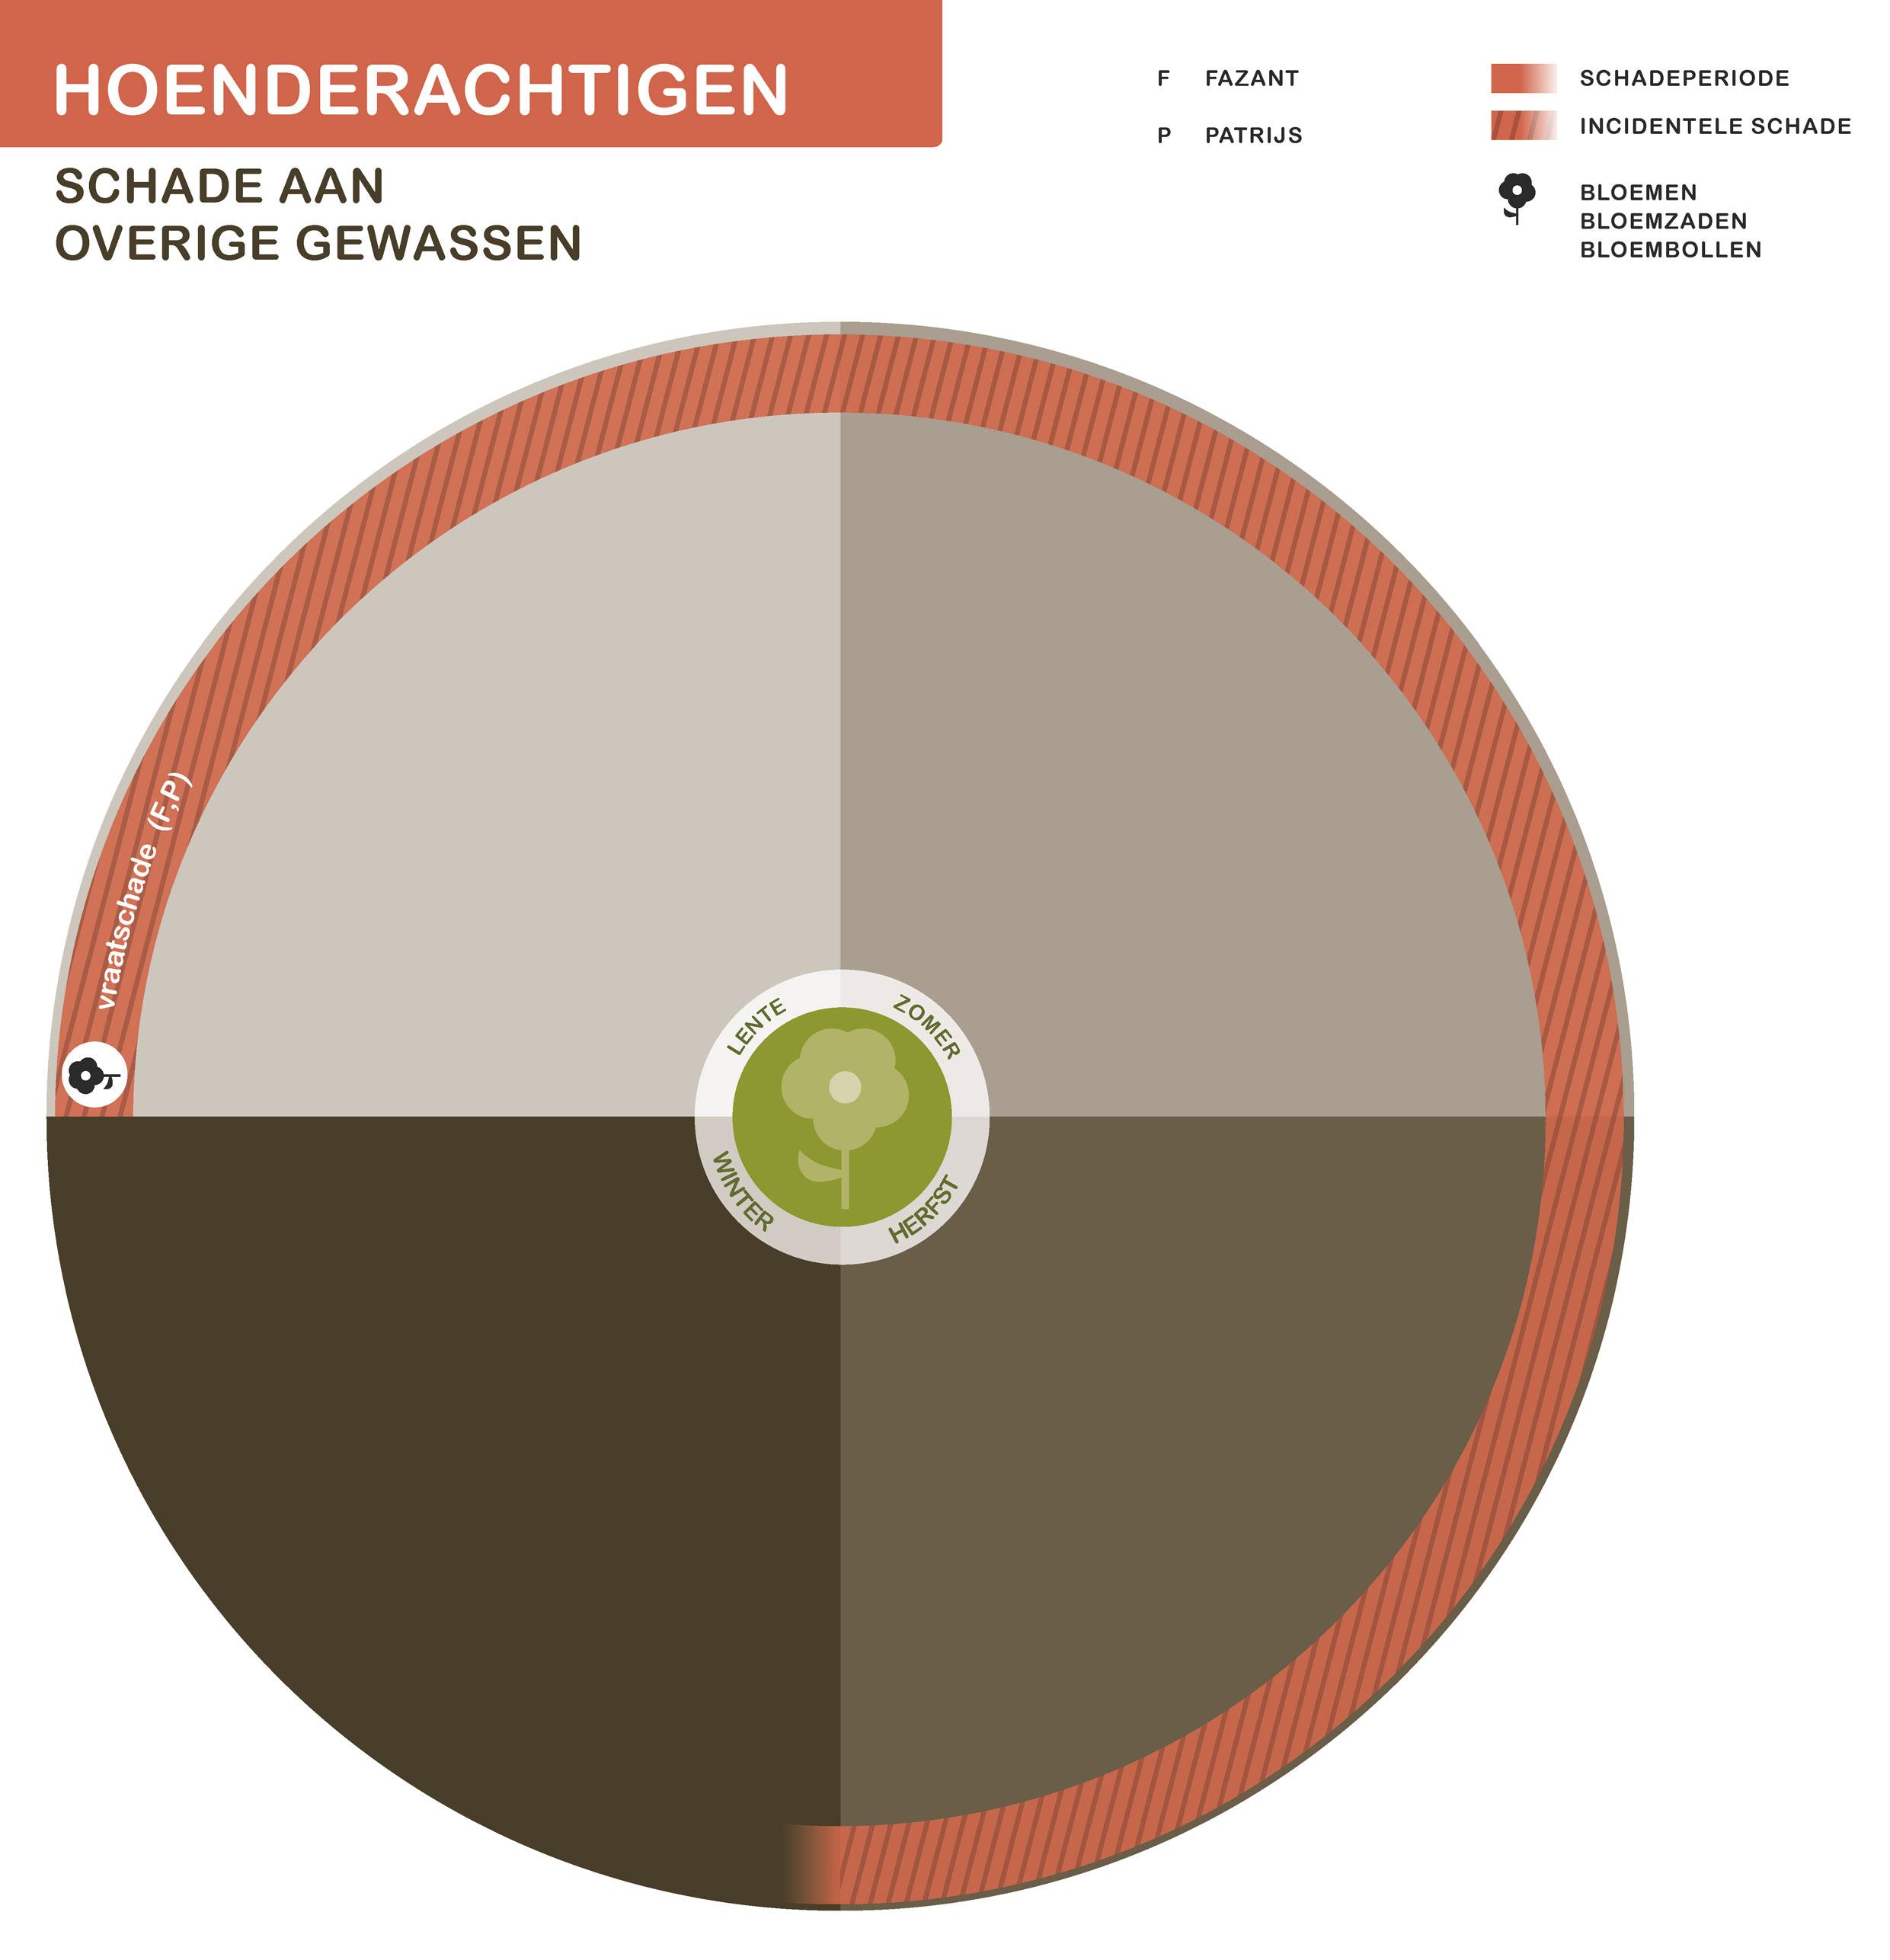 FPK-infogr-hoenderachtigen-overig-1